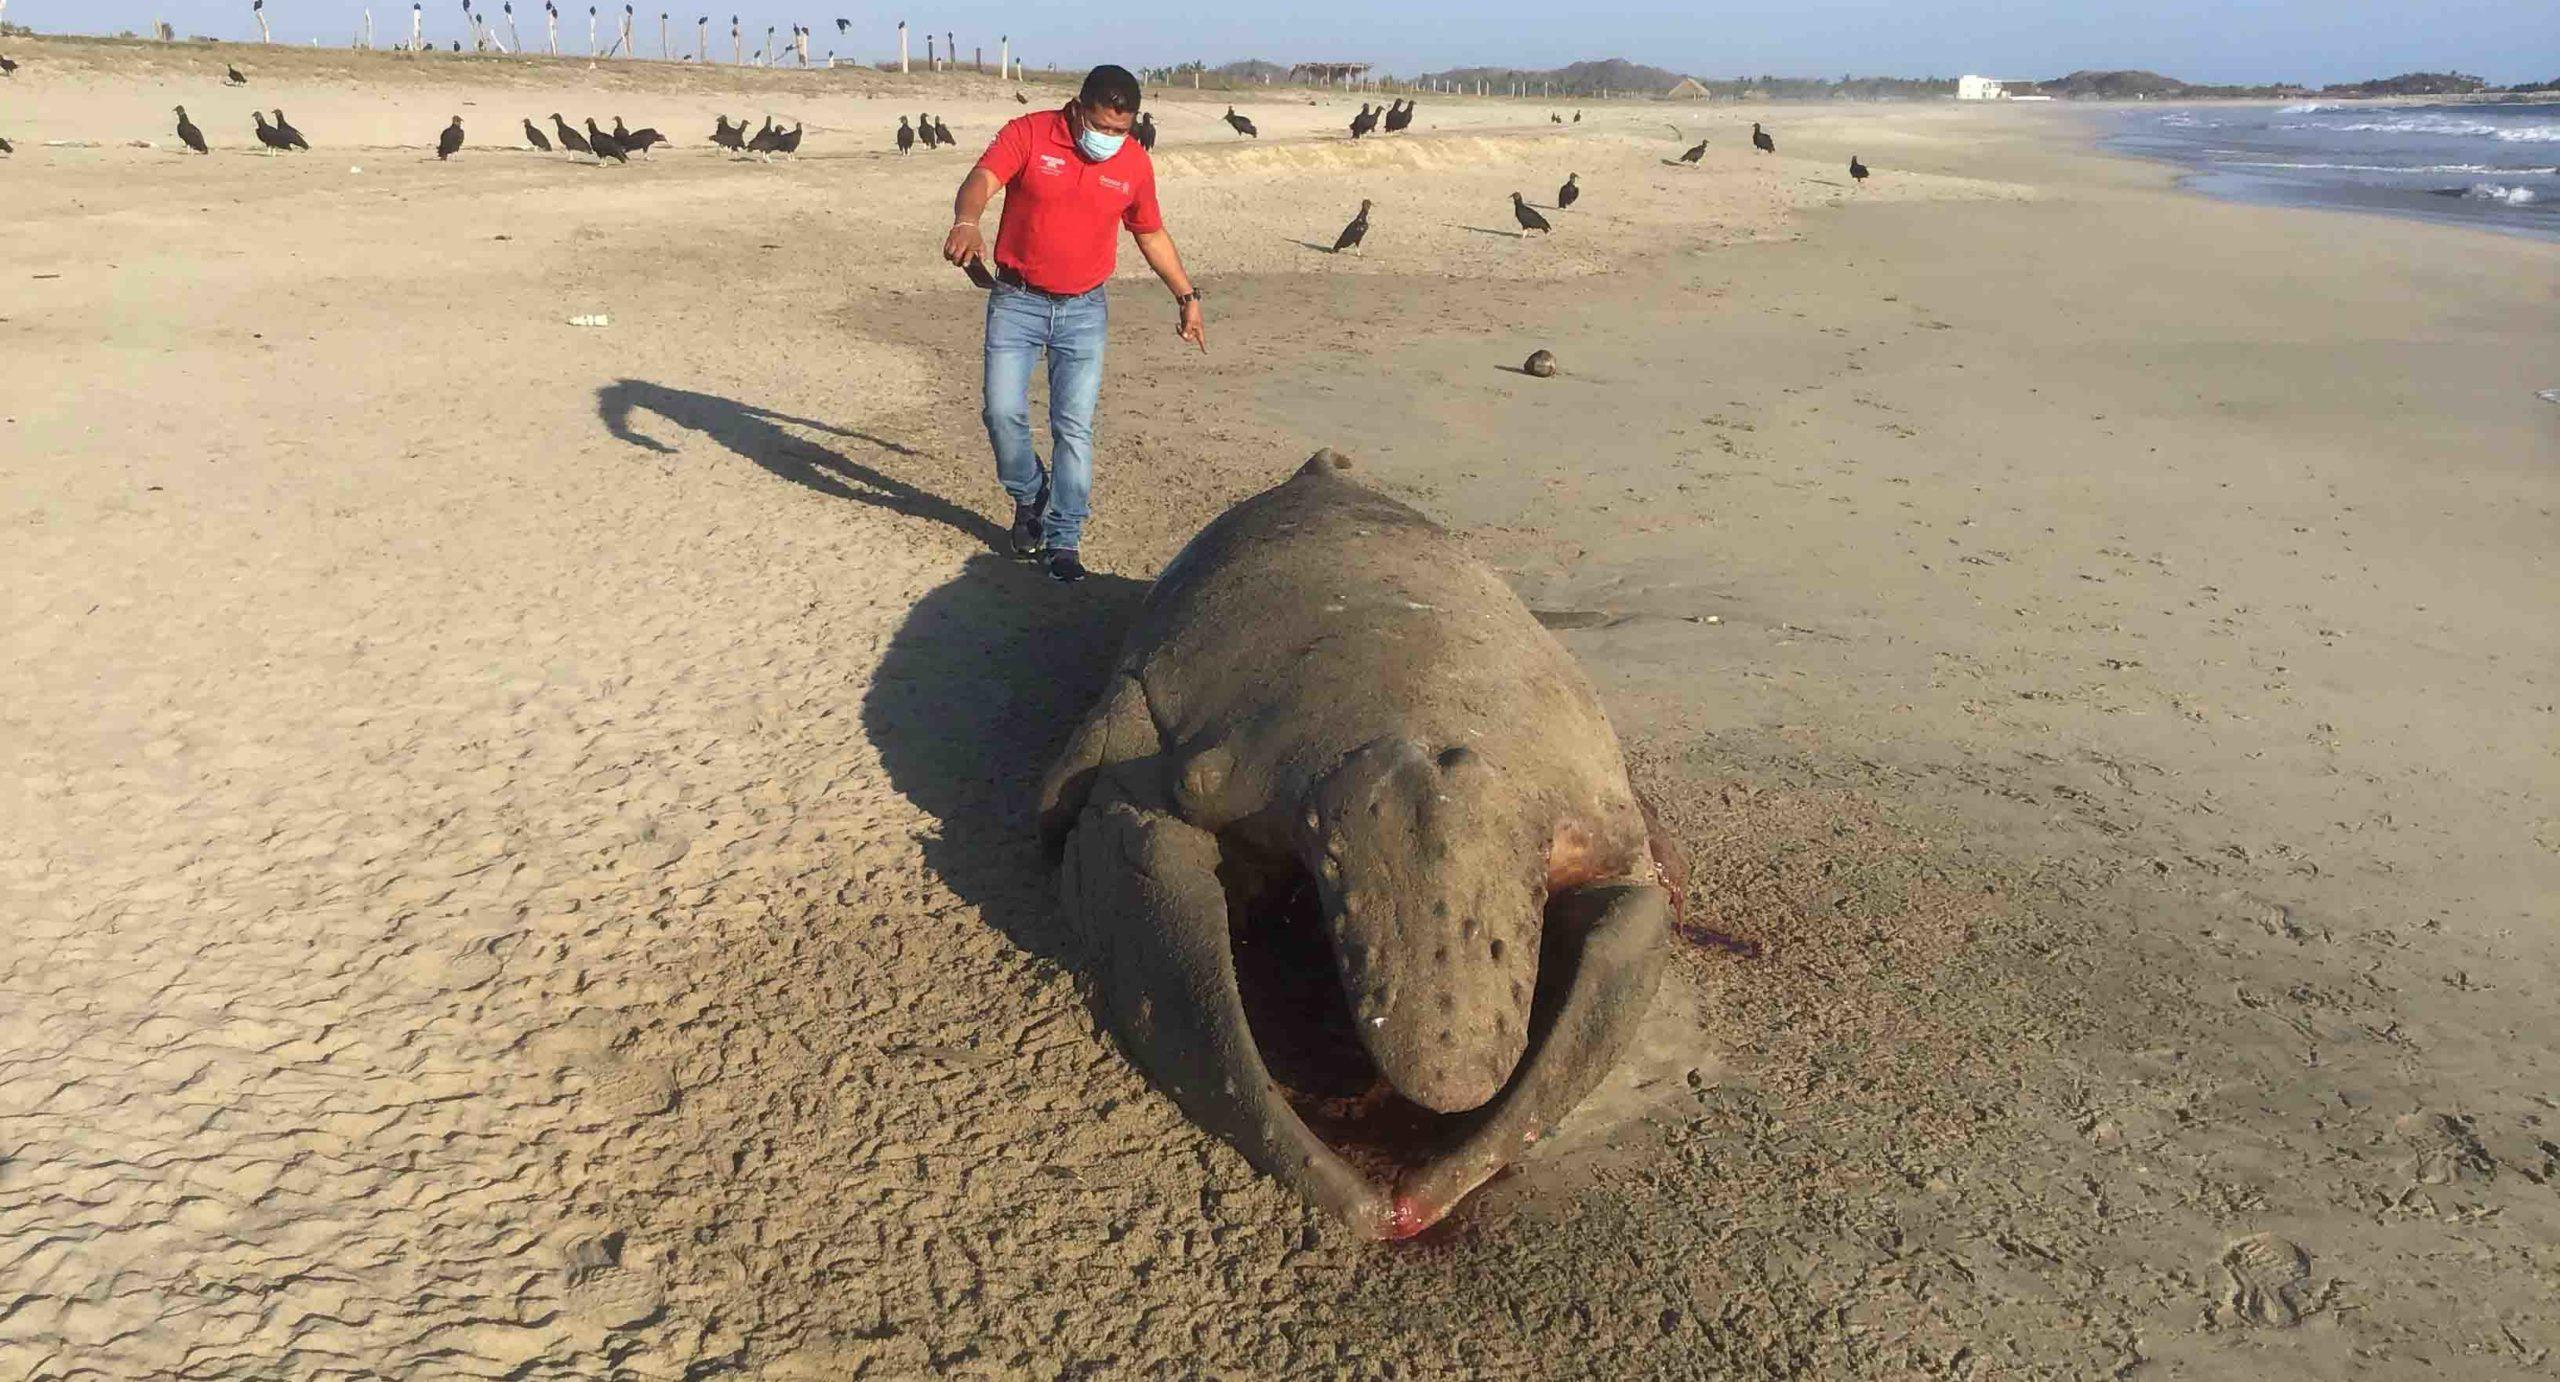 Hallan ballenato muerto en playa Corralero | El Imparcial de Oaxaca